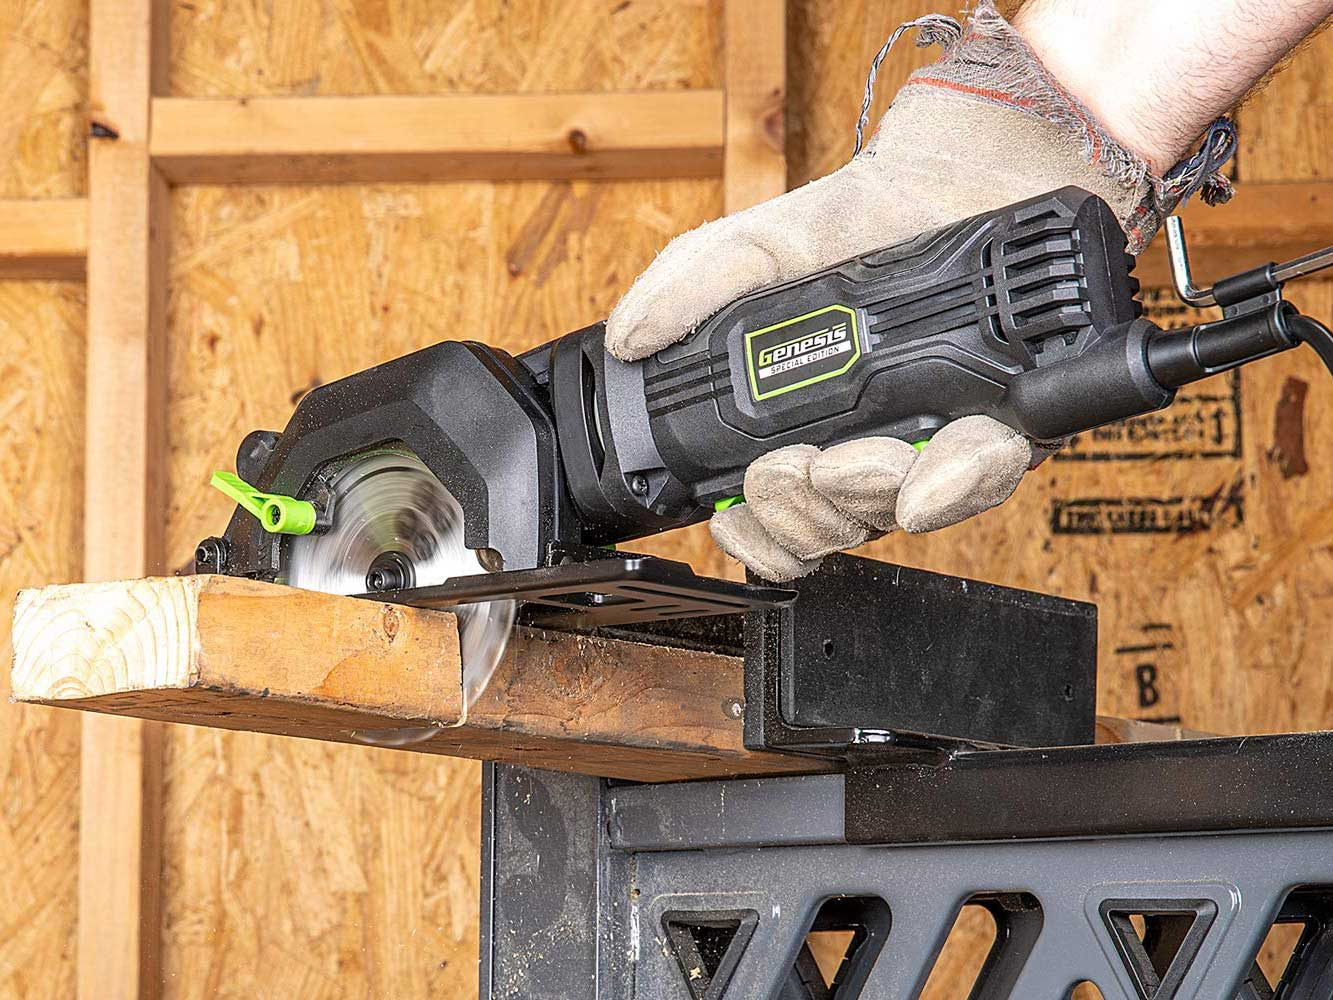 Cutting wood with mini circular saw